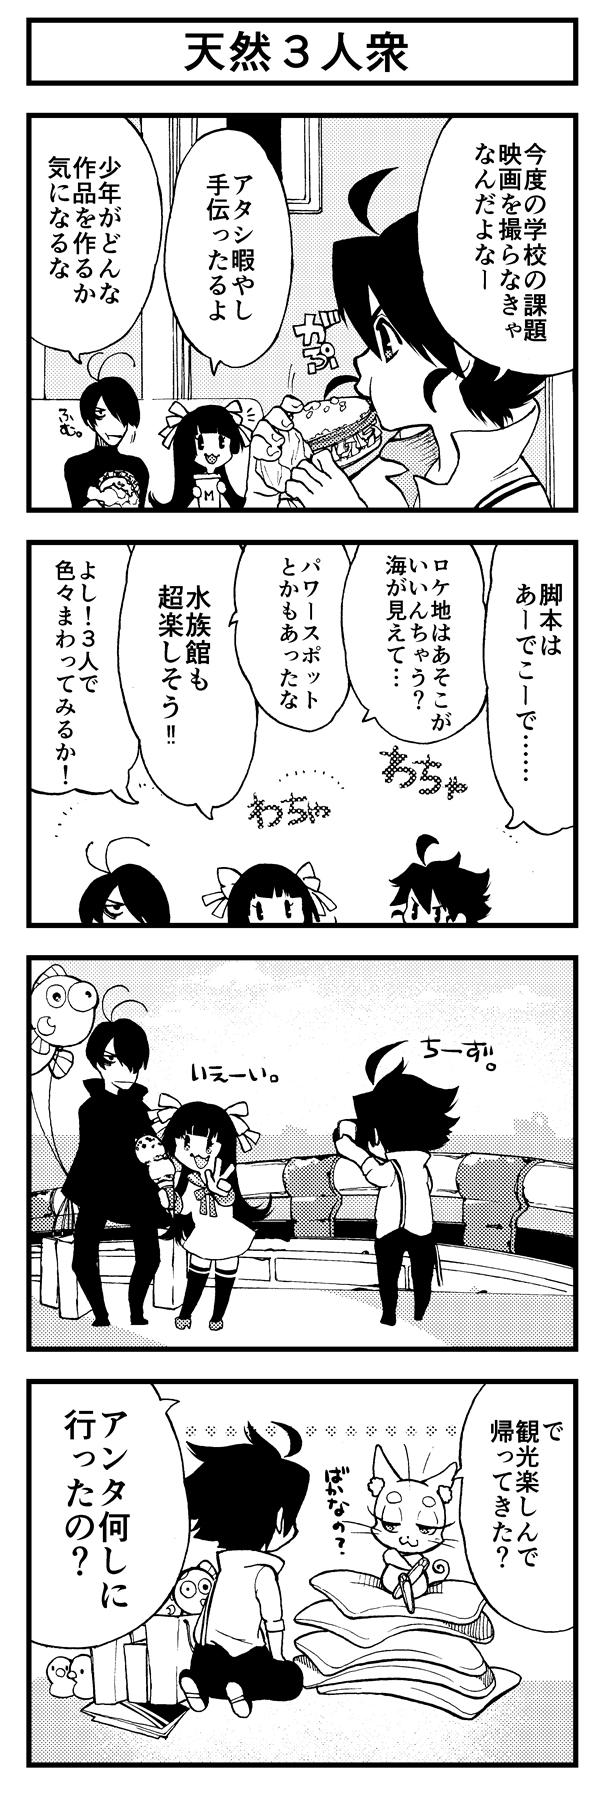 『京都クロスメディアParty!』 【第8回】